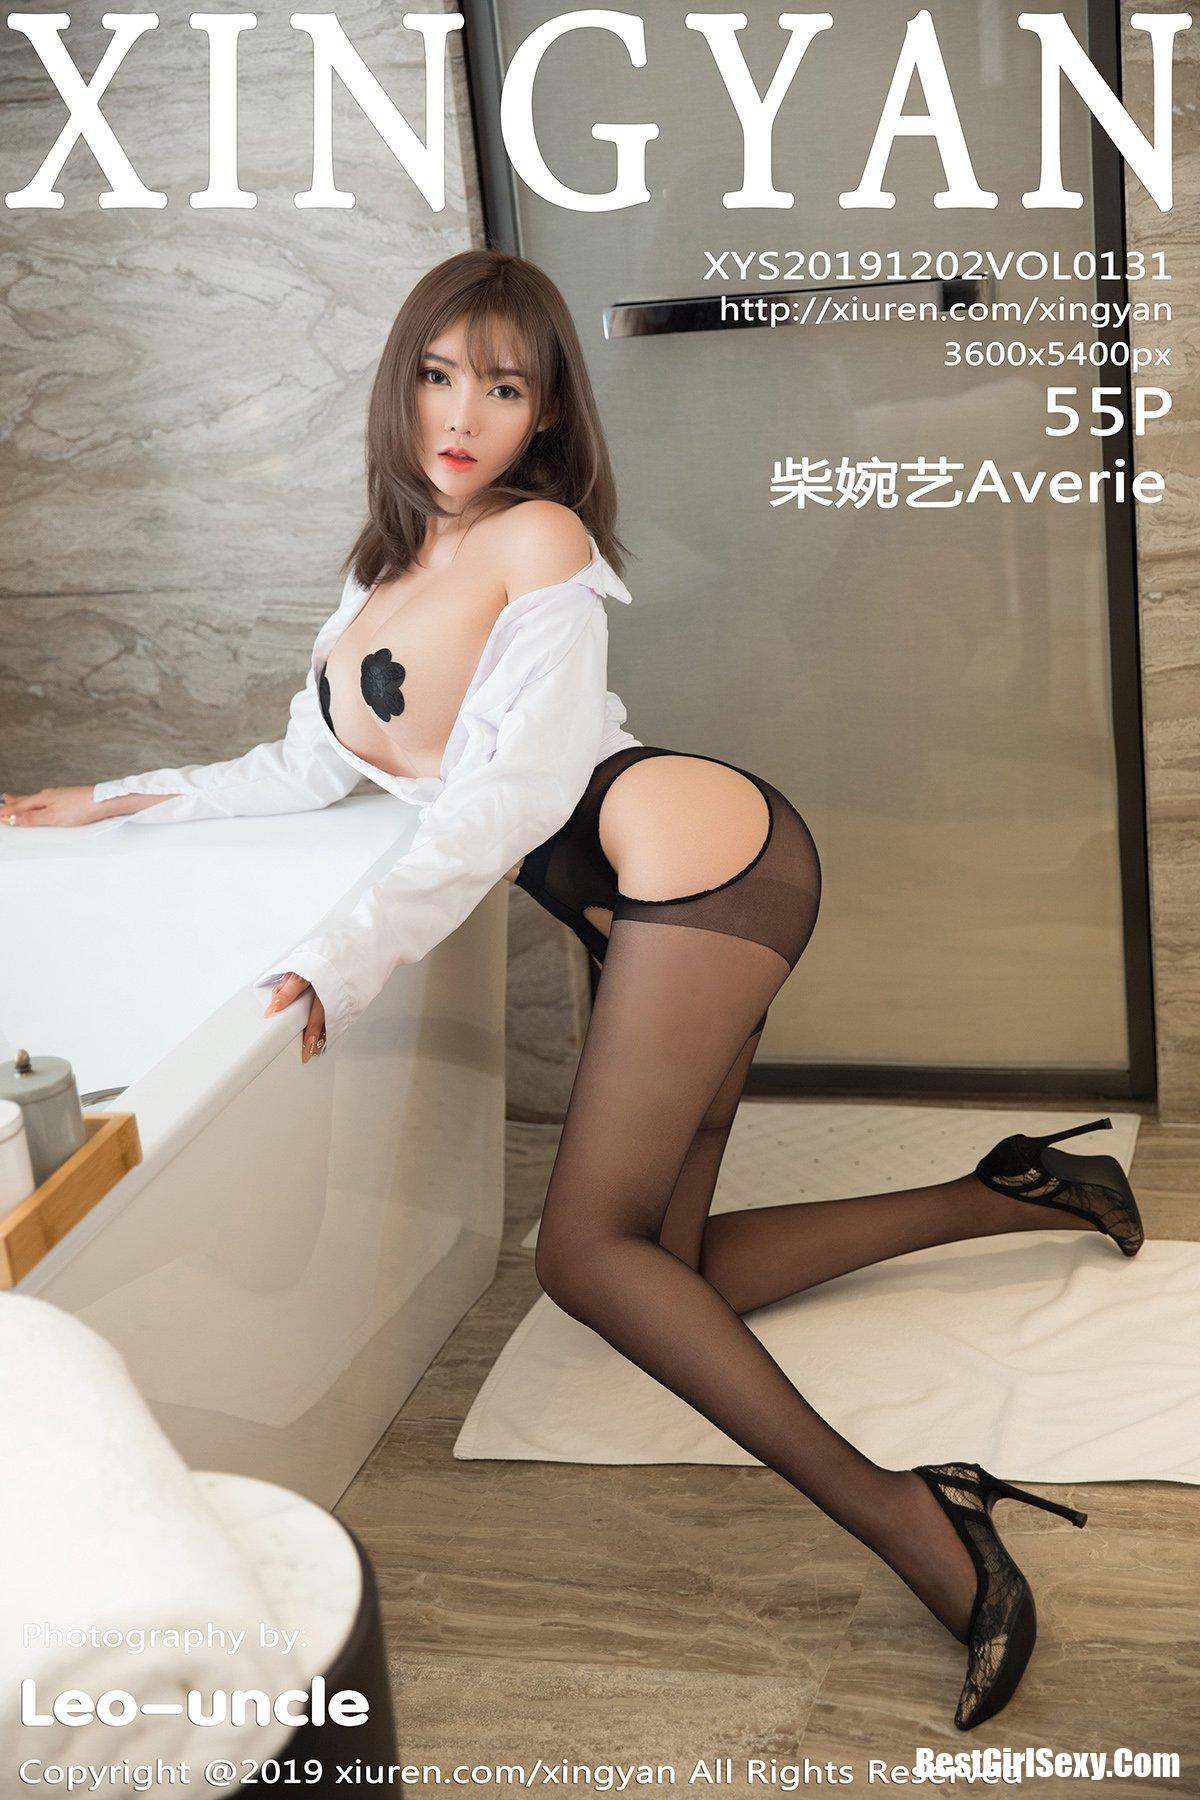 XingYan星颜社 Vol.131 Chai Wan Yi Averie 8